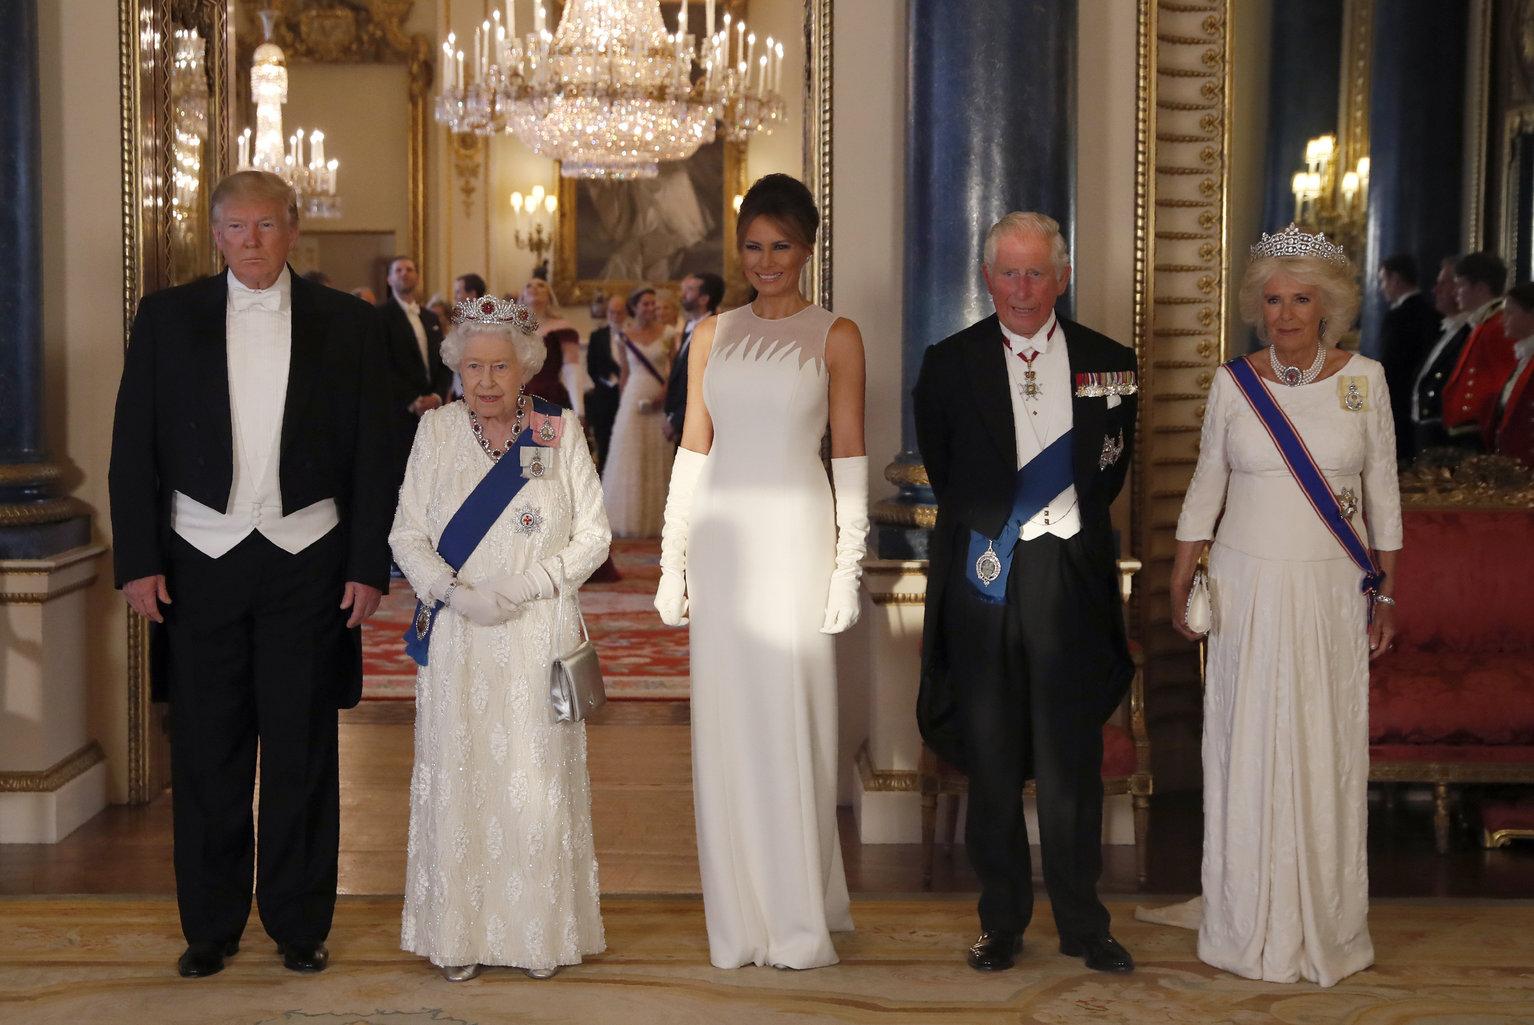 Donald Trump amerikai elnök és felesége, Melania Trump II. Erzsébet királynő (k), Károly walesi herceg (j2), brit trónörökös és a felesége, Kamilla cornwalli hercegnő társaságában a londoni uralkodói rezidencián, a Buckingham-palotában adott díszvacsora kezdetén 2019. június 3-án. Trump háromnapos állami látogatáson tartózkodik Nagy-Britanniában (Fotó: Getty Images/ MTI/AP/Pool/Alastair Grant)